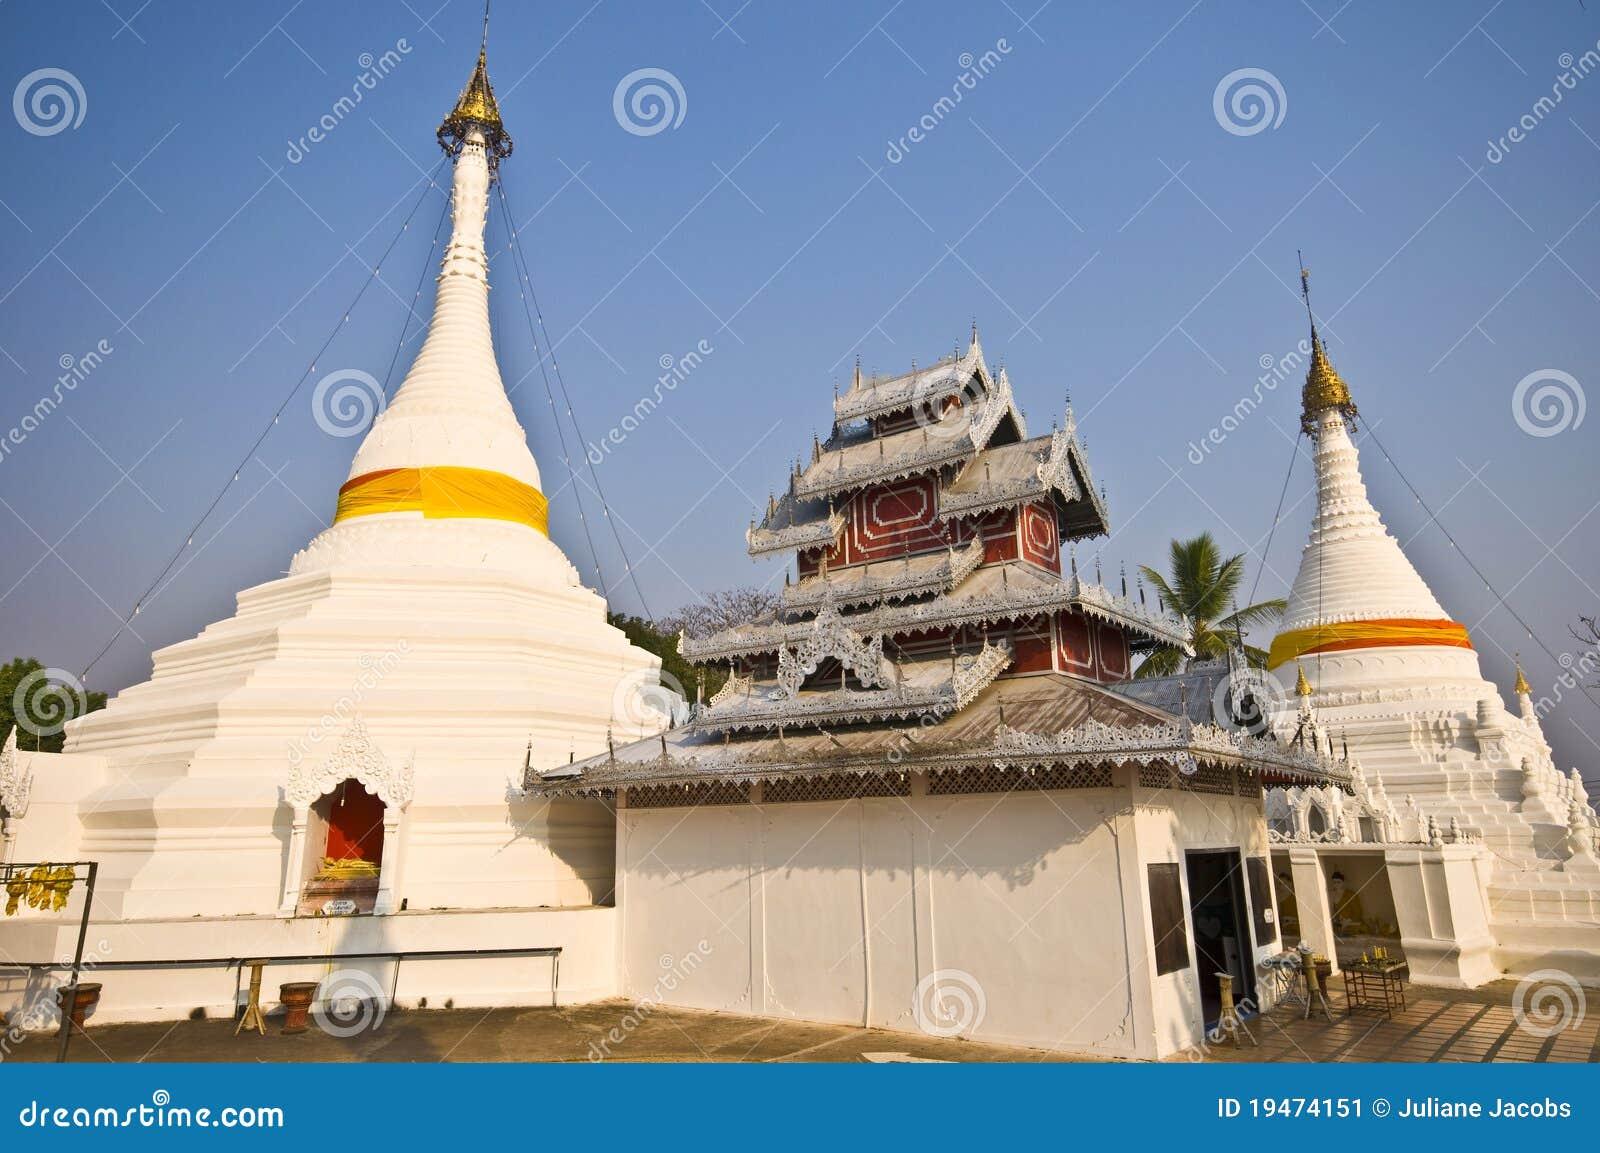 Wat Phra That Doi Kong Mu Stock Image - Image: 19474151